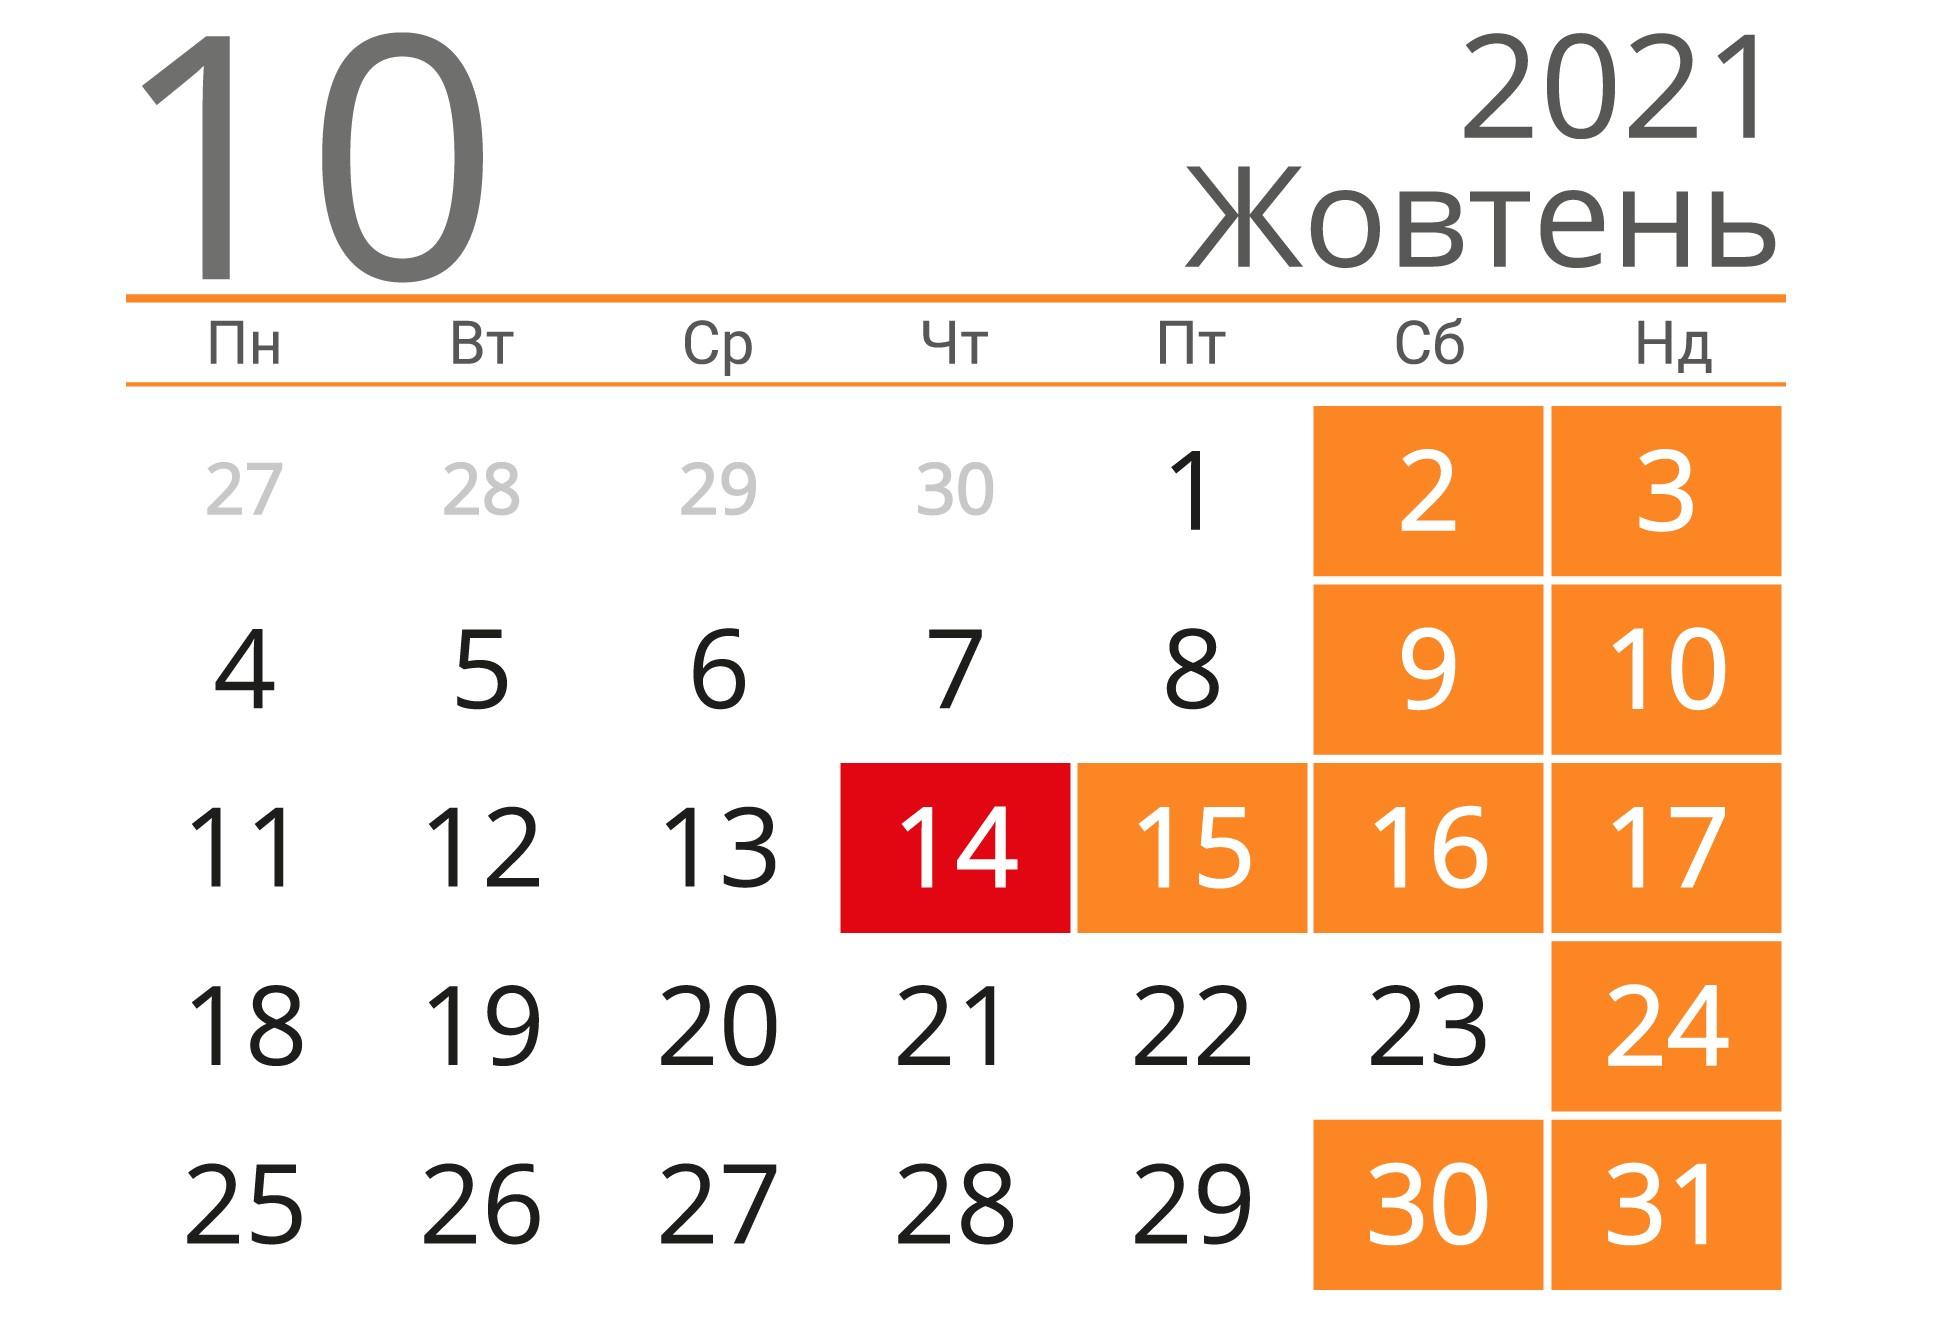 Натисніть, щоб скачати та роздрукувати (календар – kalendari.co.ua)